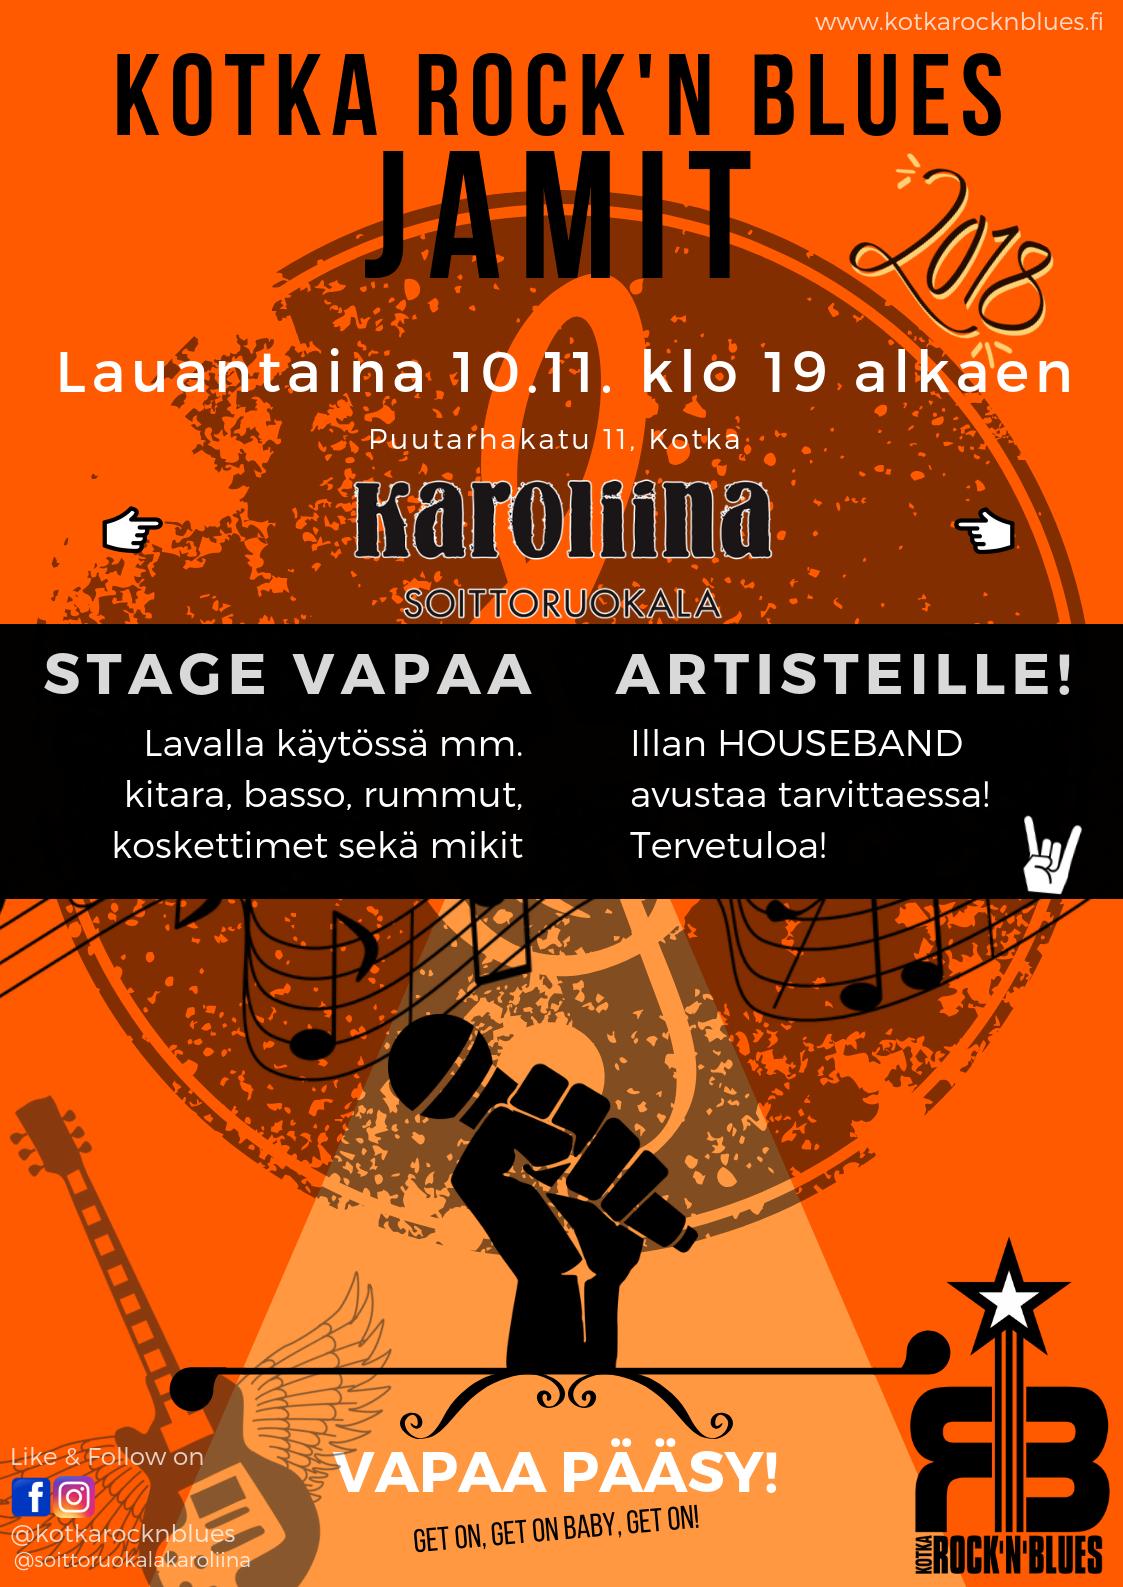 La 10. Marraskuuta! Poster design by J.Tiussa